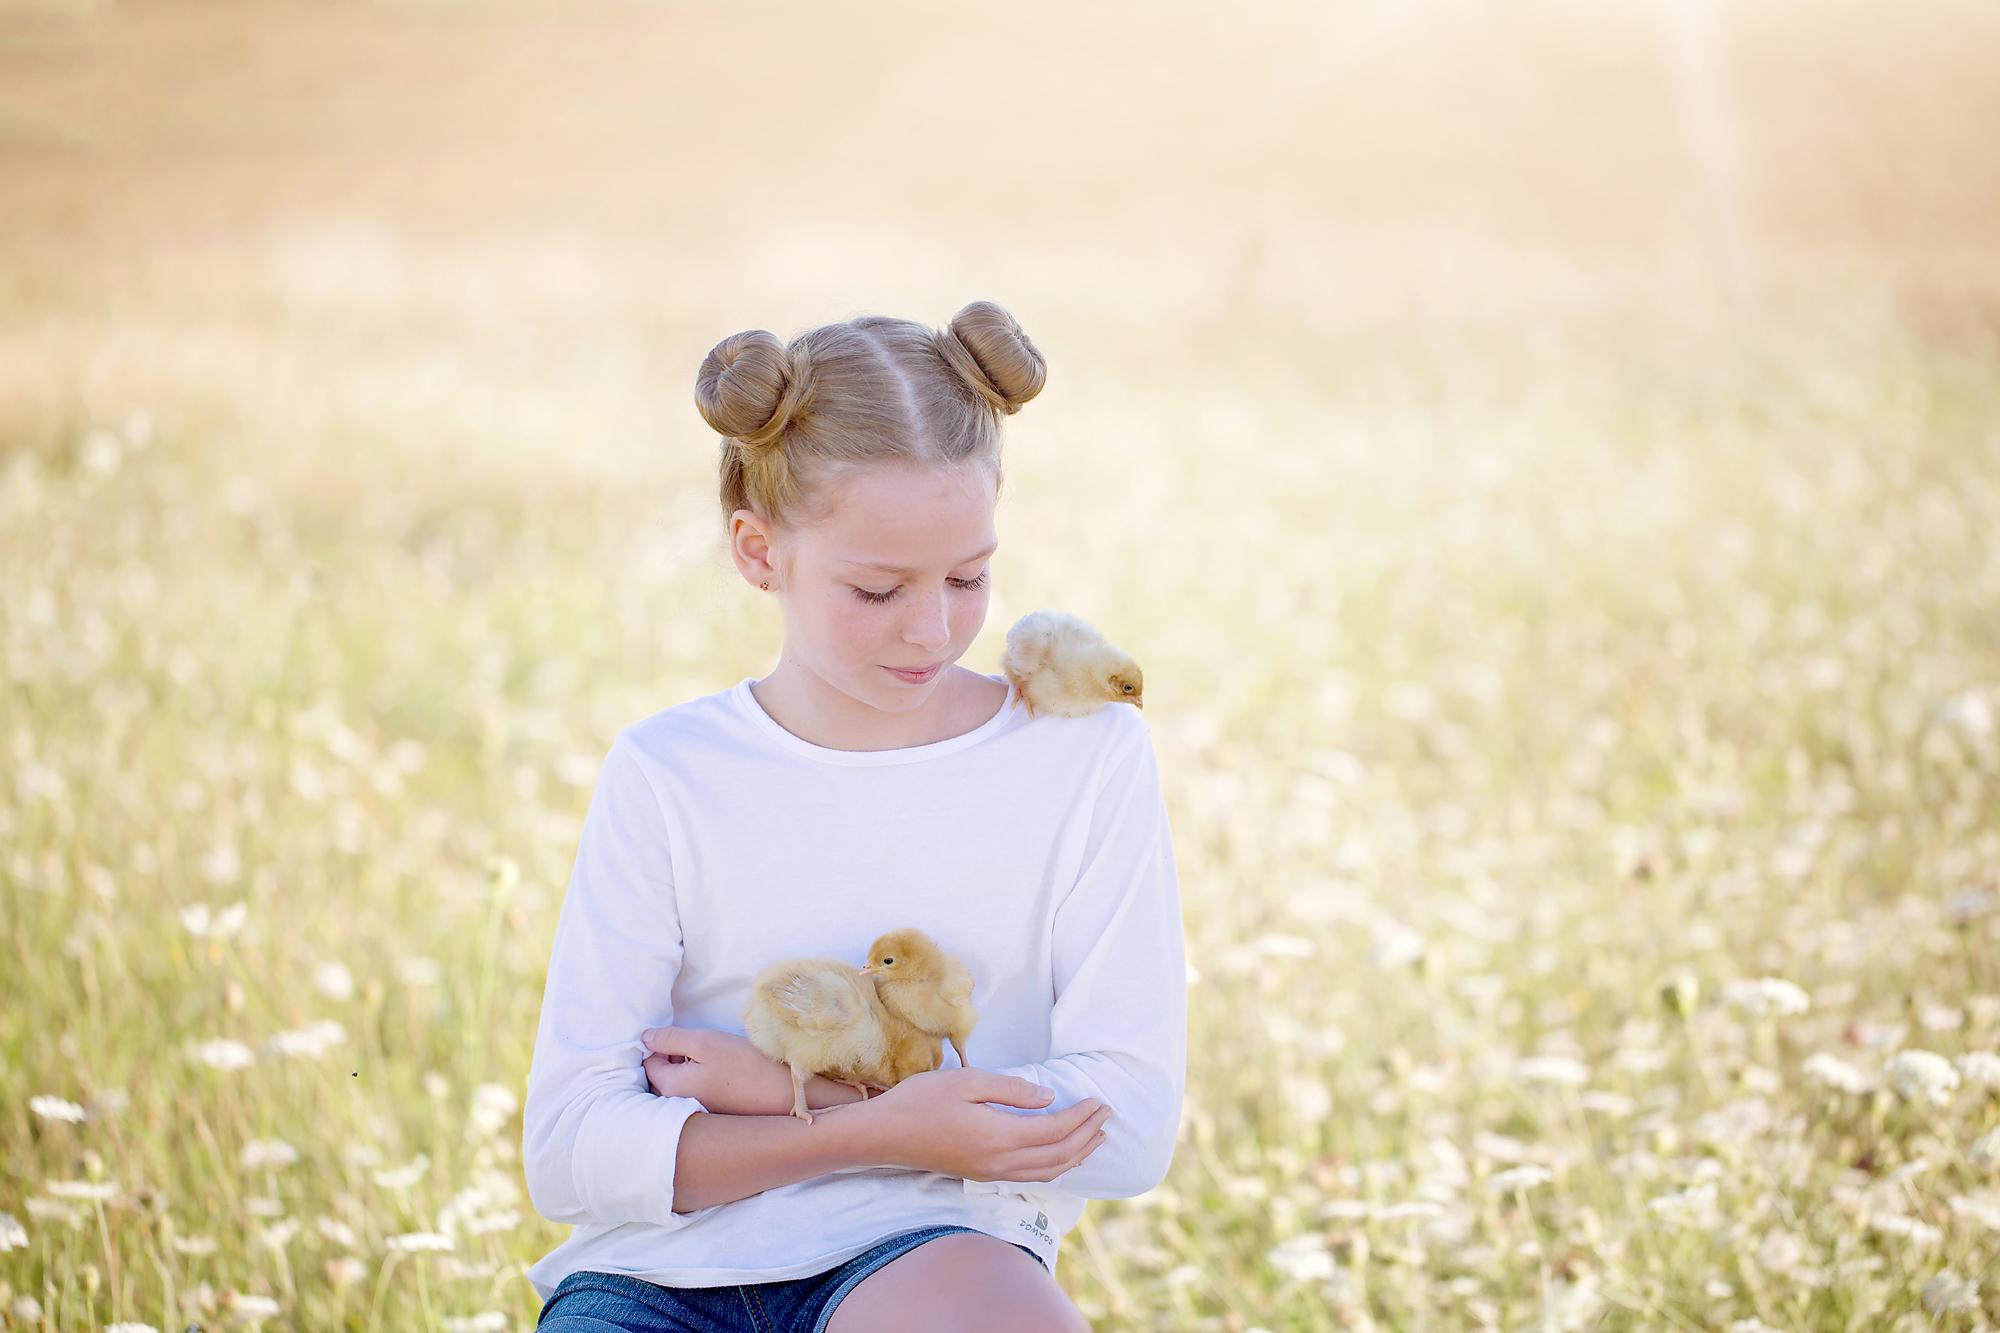 photographe-enfants-animal-seance-haute-couture-sur-mesure